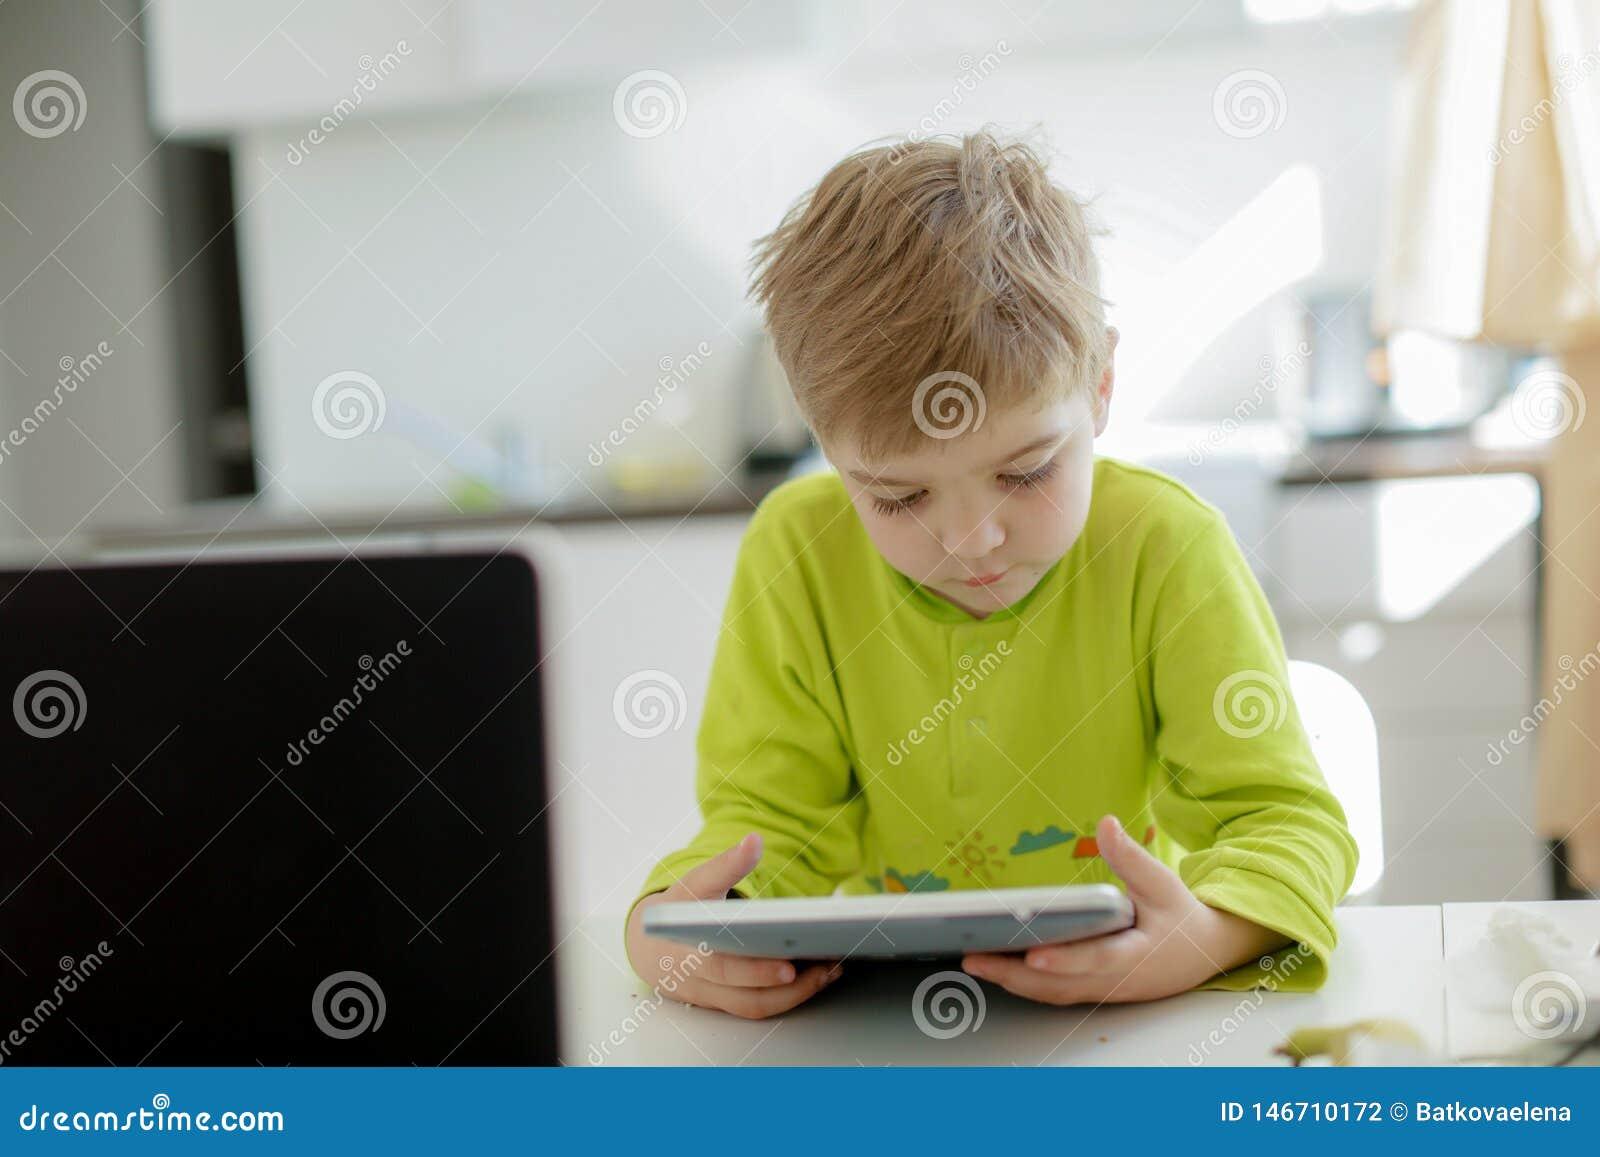 Jongen het spelen op elektronische gadgettablet in zijn slaapkamer Sociaal probleem van mededeling van kinderen in de moderne wer